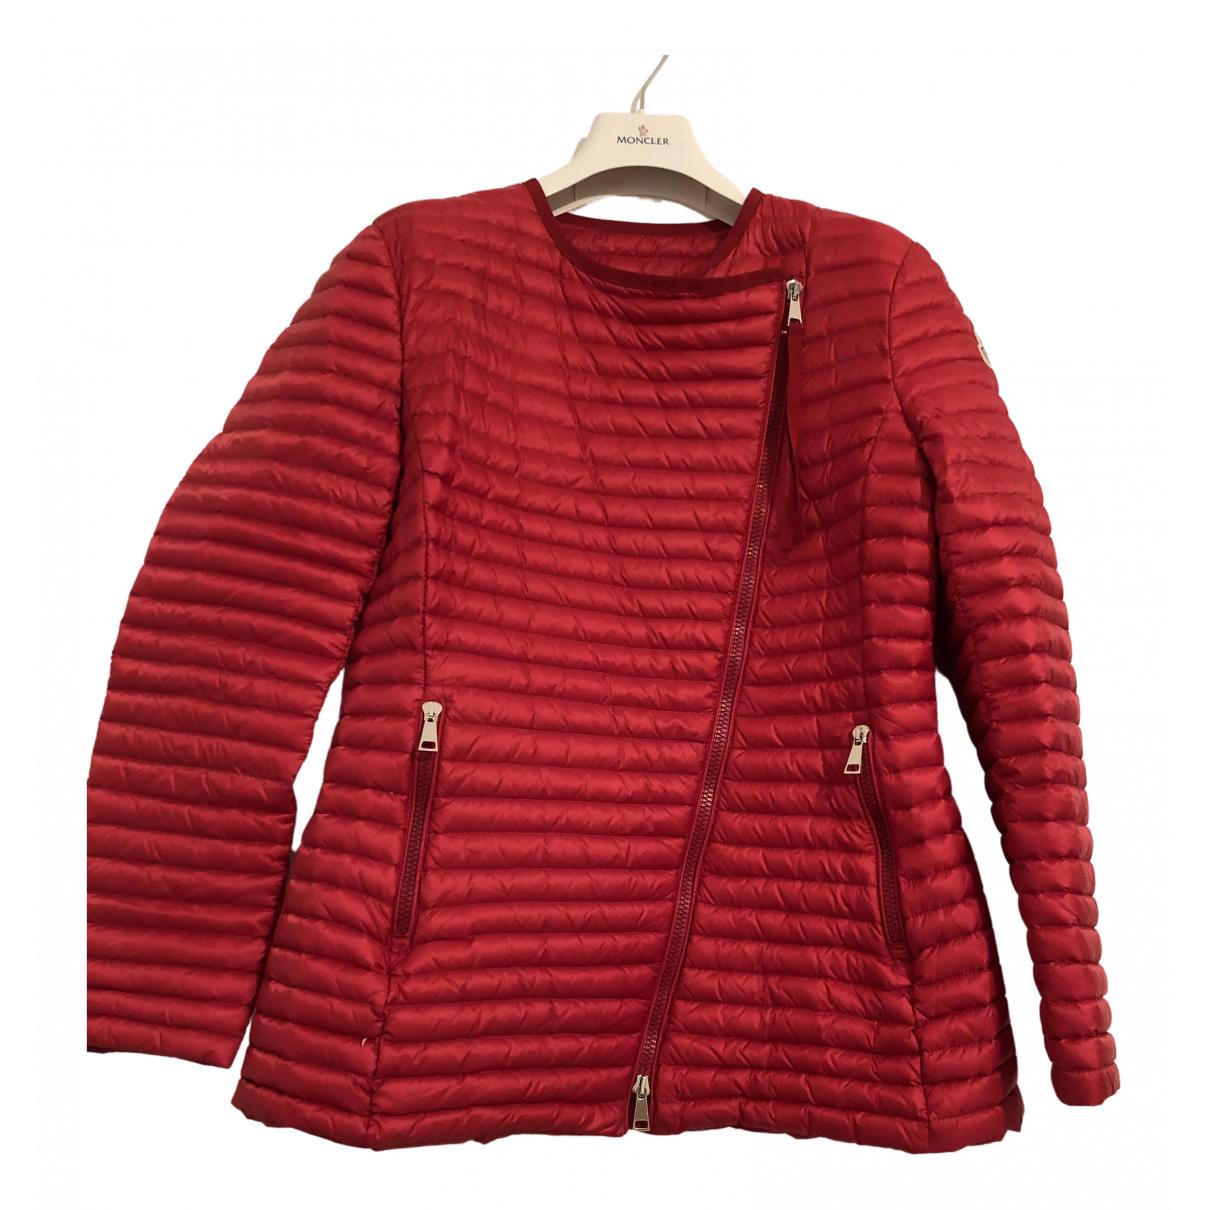 Moncler - Veste   pour femme - rouge